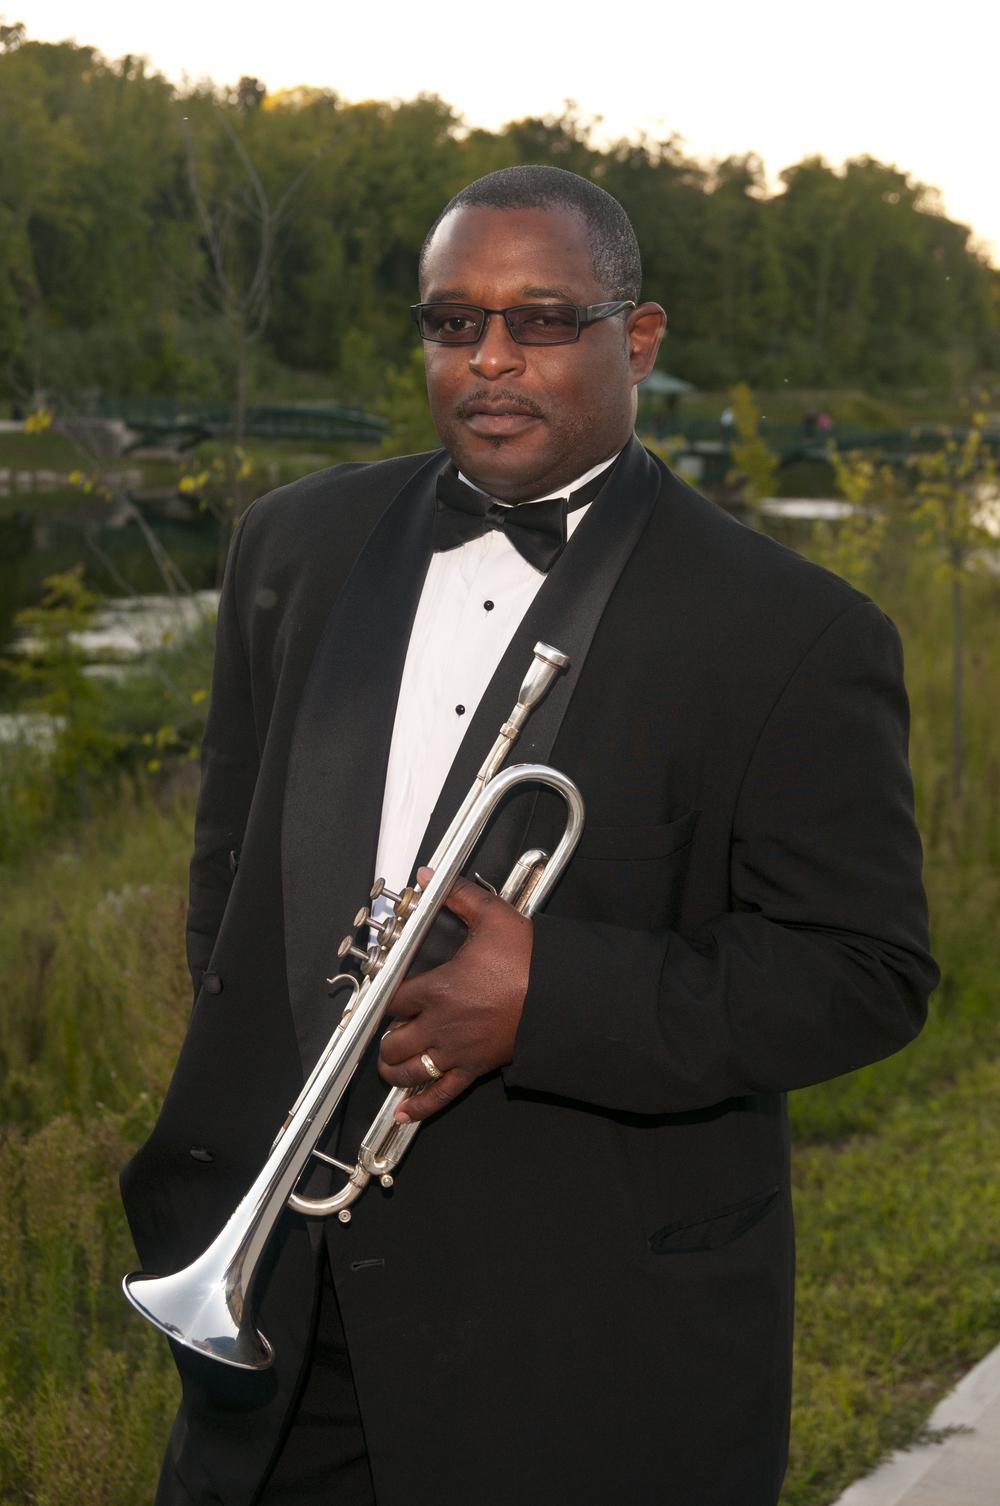 George Ervin, Lead Trumpet, Trumpet Section Leader